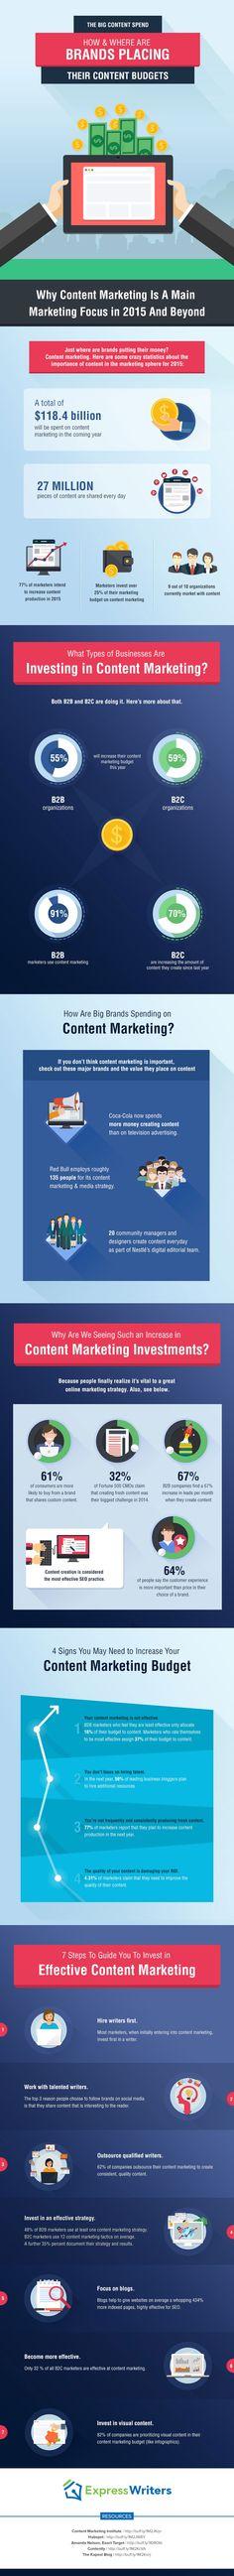 Le marché du content marketing en 2015 (Infographie) !